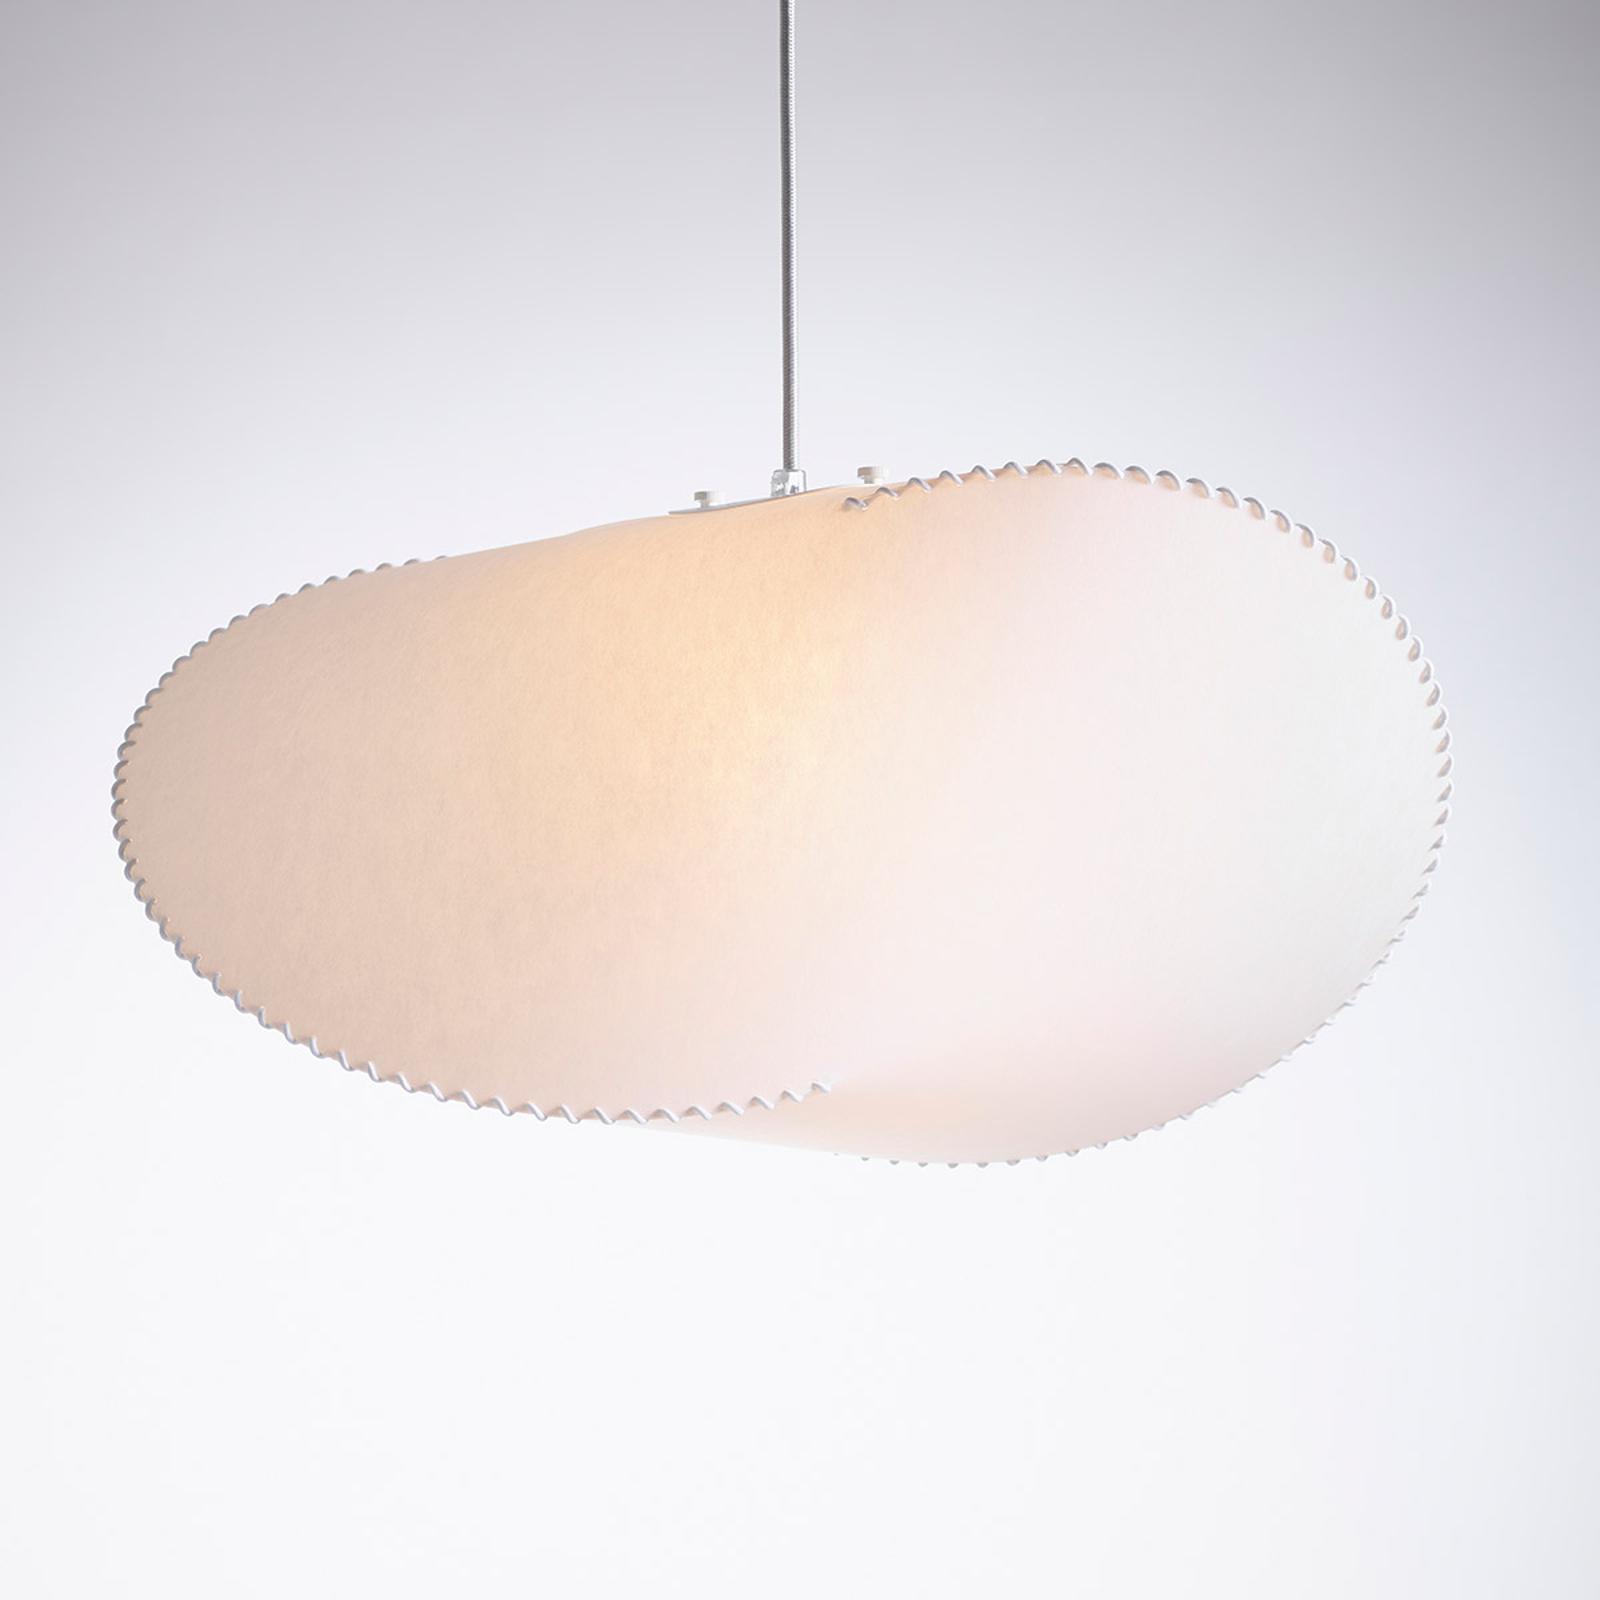 Hanglamp Floyd, breedte 52 cm